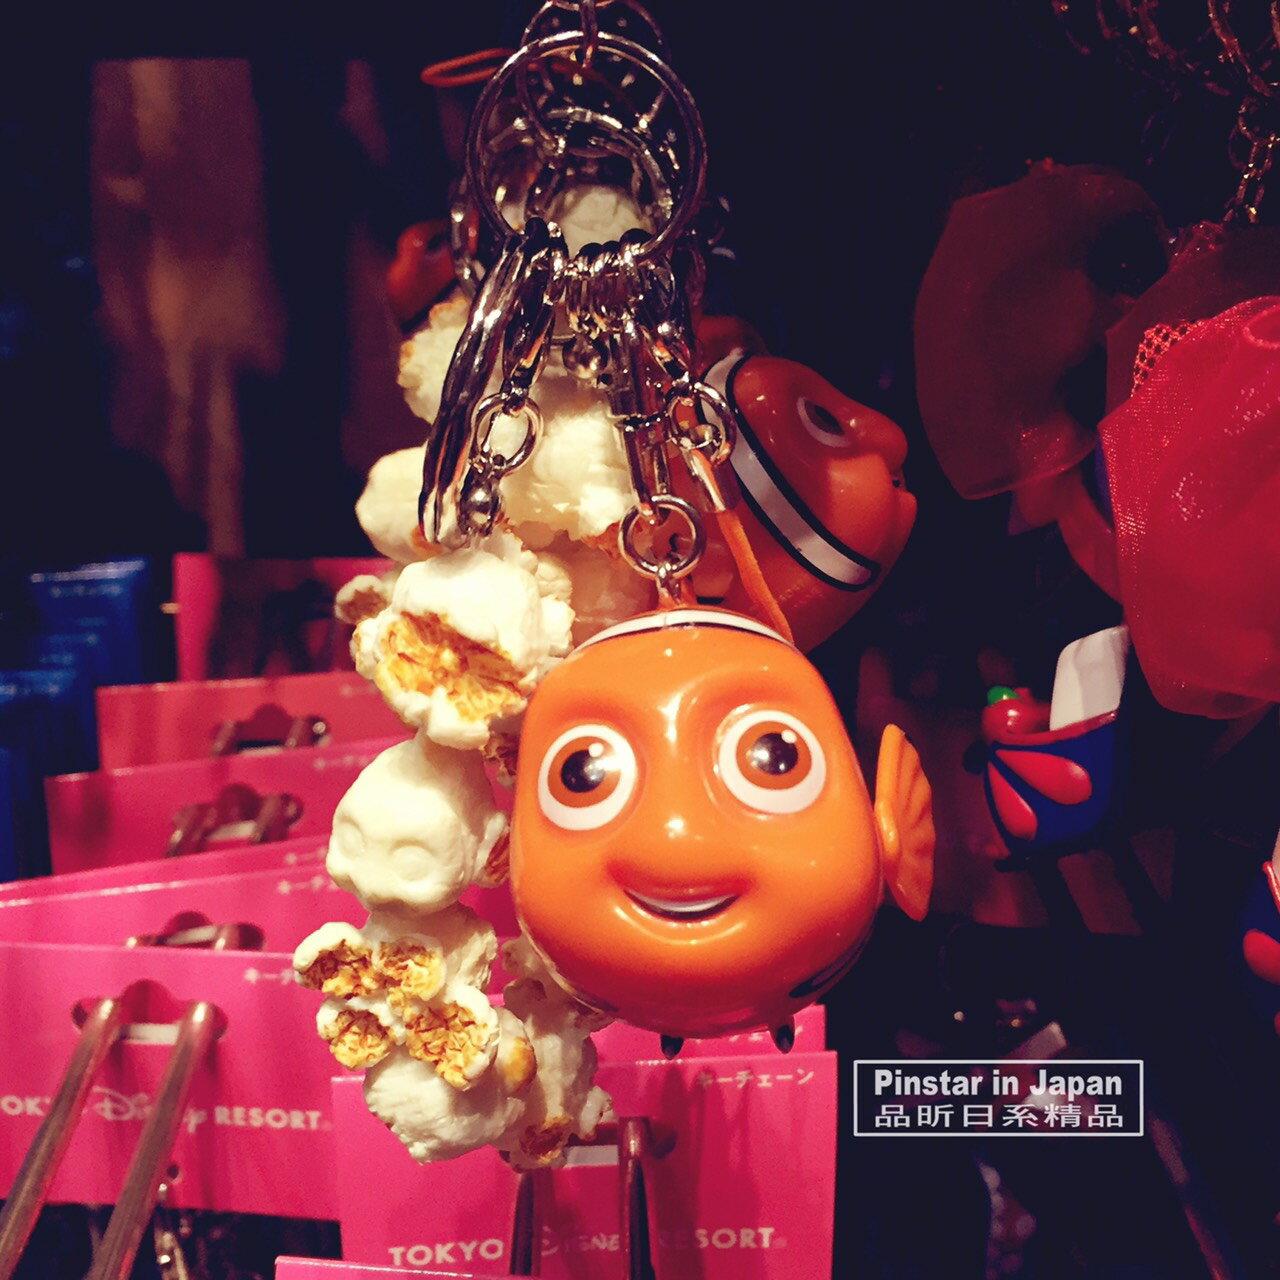 【真愛日本】18012600012 樂園限定鎖圈-爆米花筒尼莫 小丑魚尼莫 爆米花鑰匙圈 吊飾 日本迪士尼樂園帶回